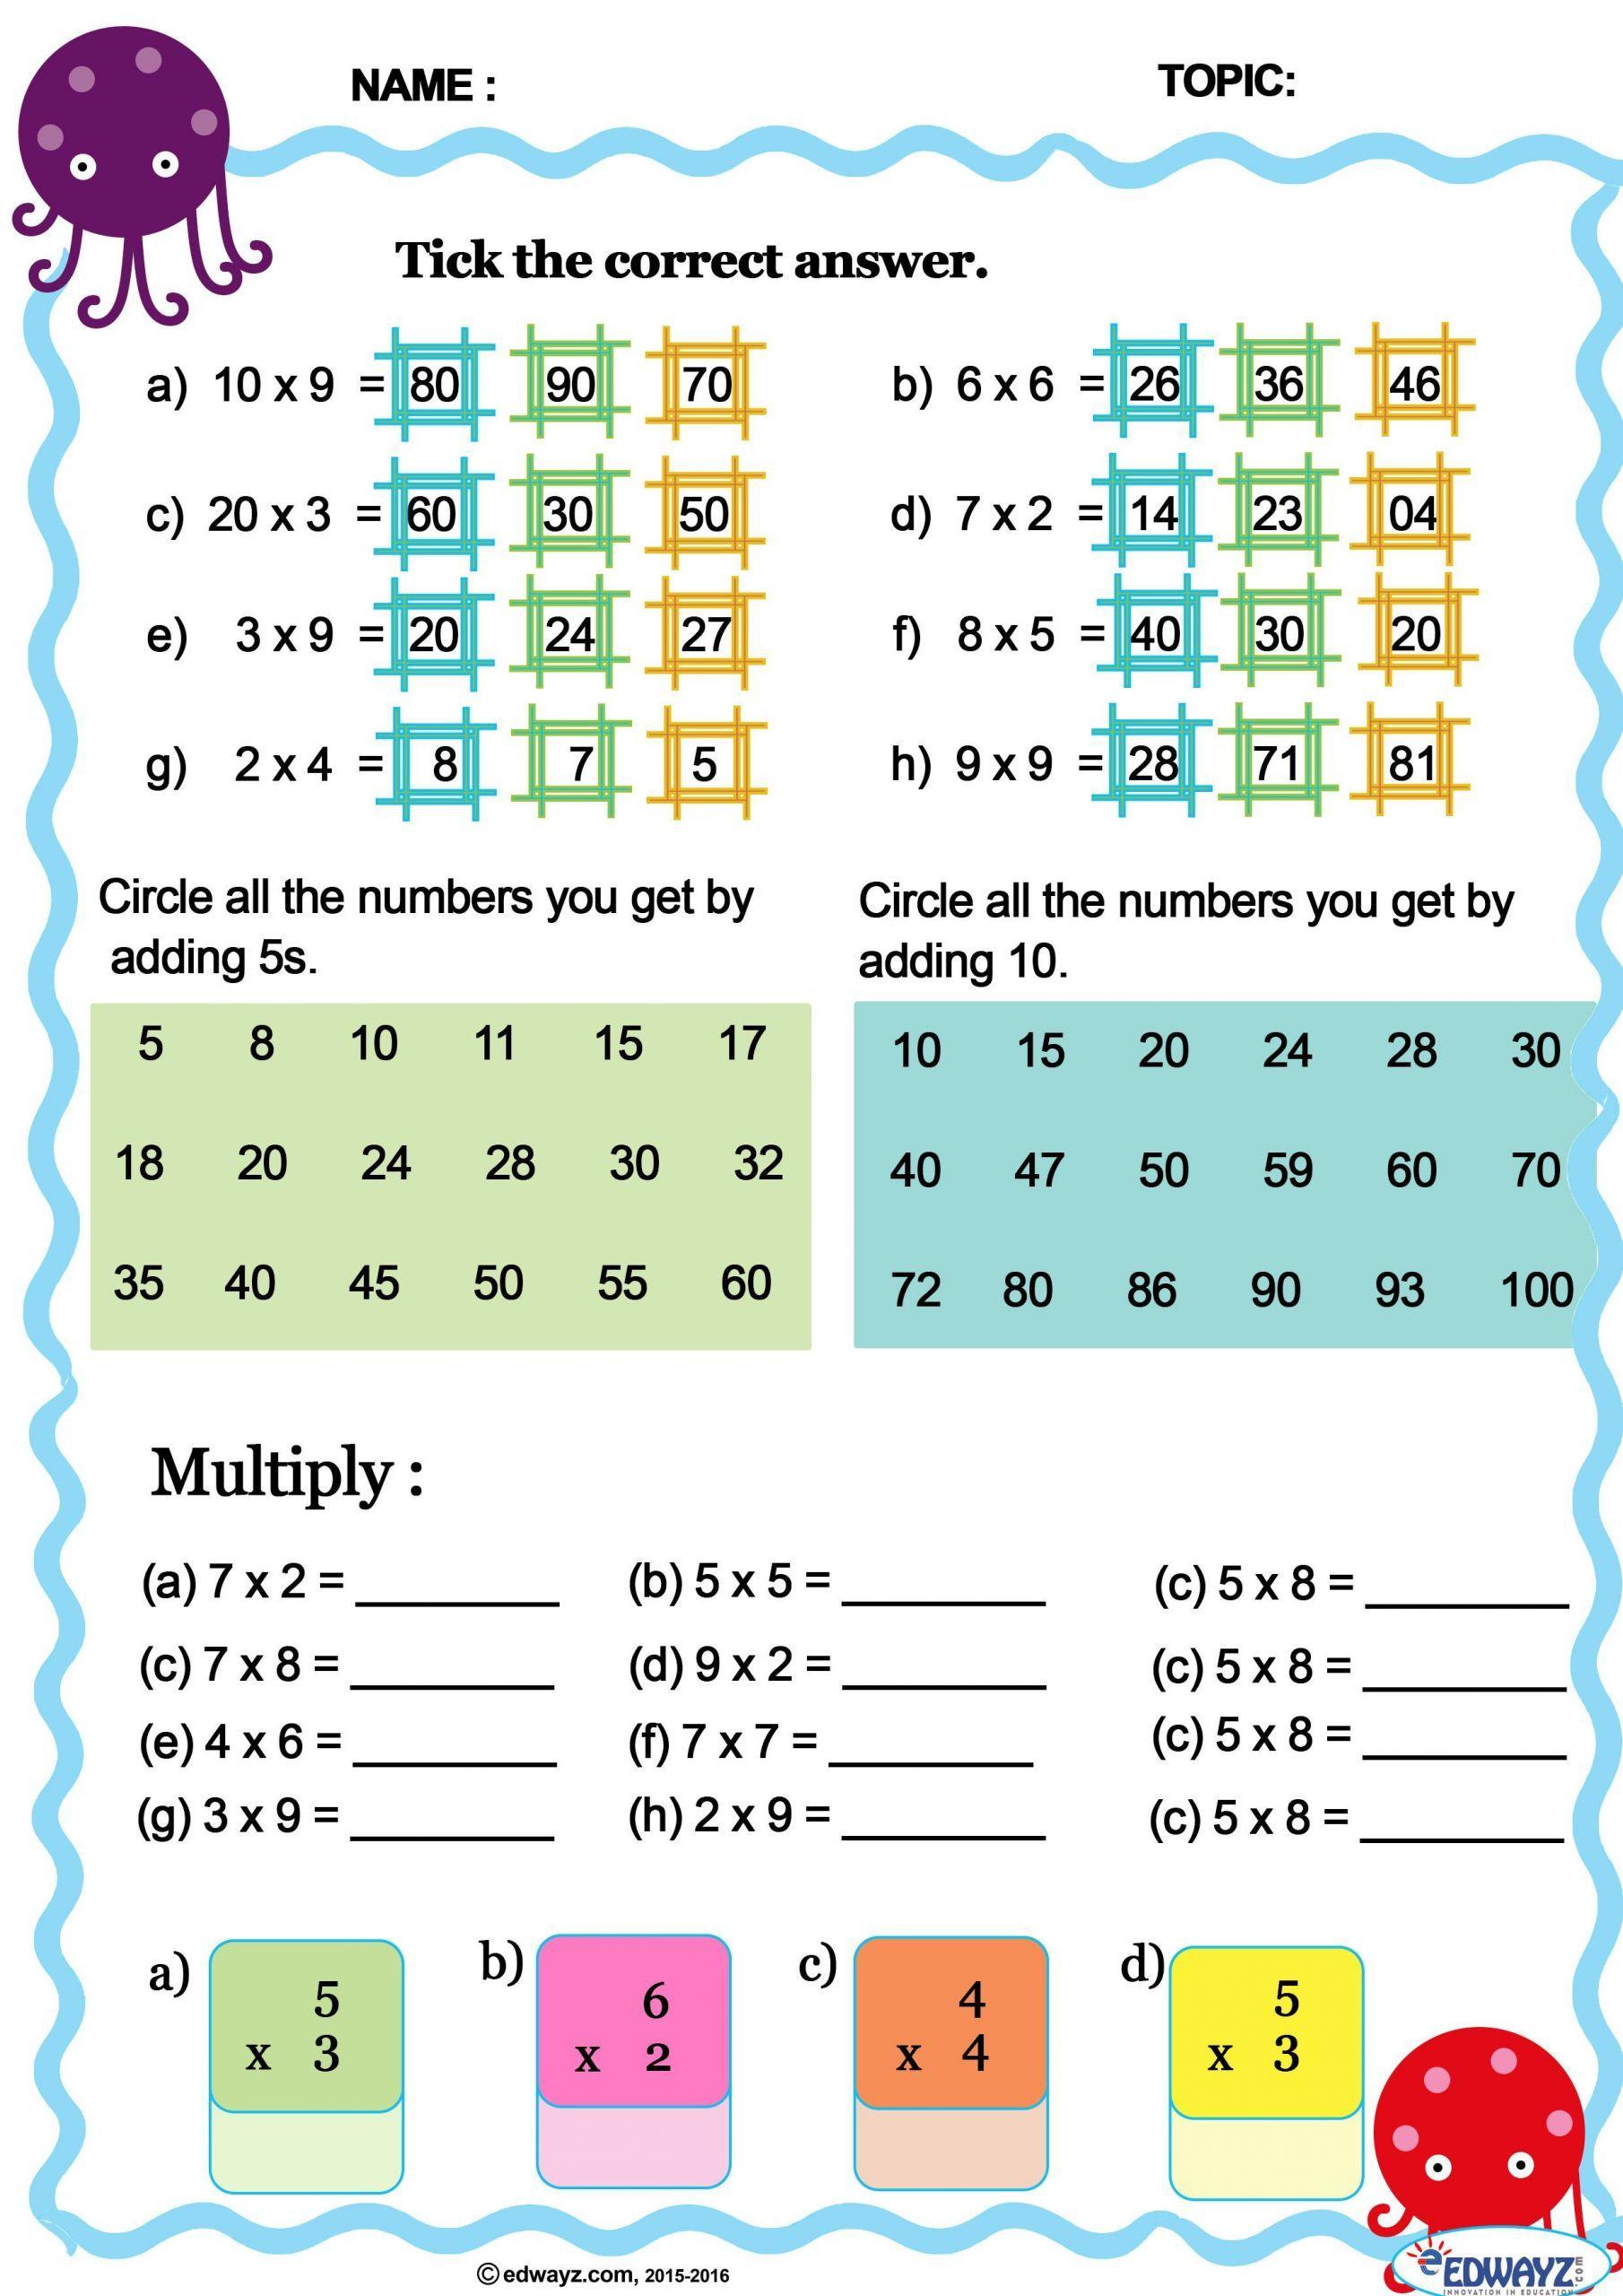 medium resolution of 5 Free Math Worksheets Third Grade 3 Multiplication Multiplication Table 7  8 0101b65e8ad…   First grade math worksheets